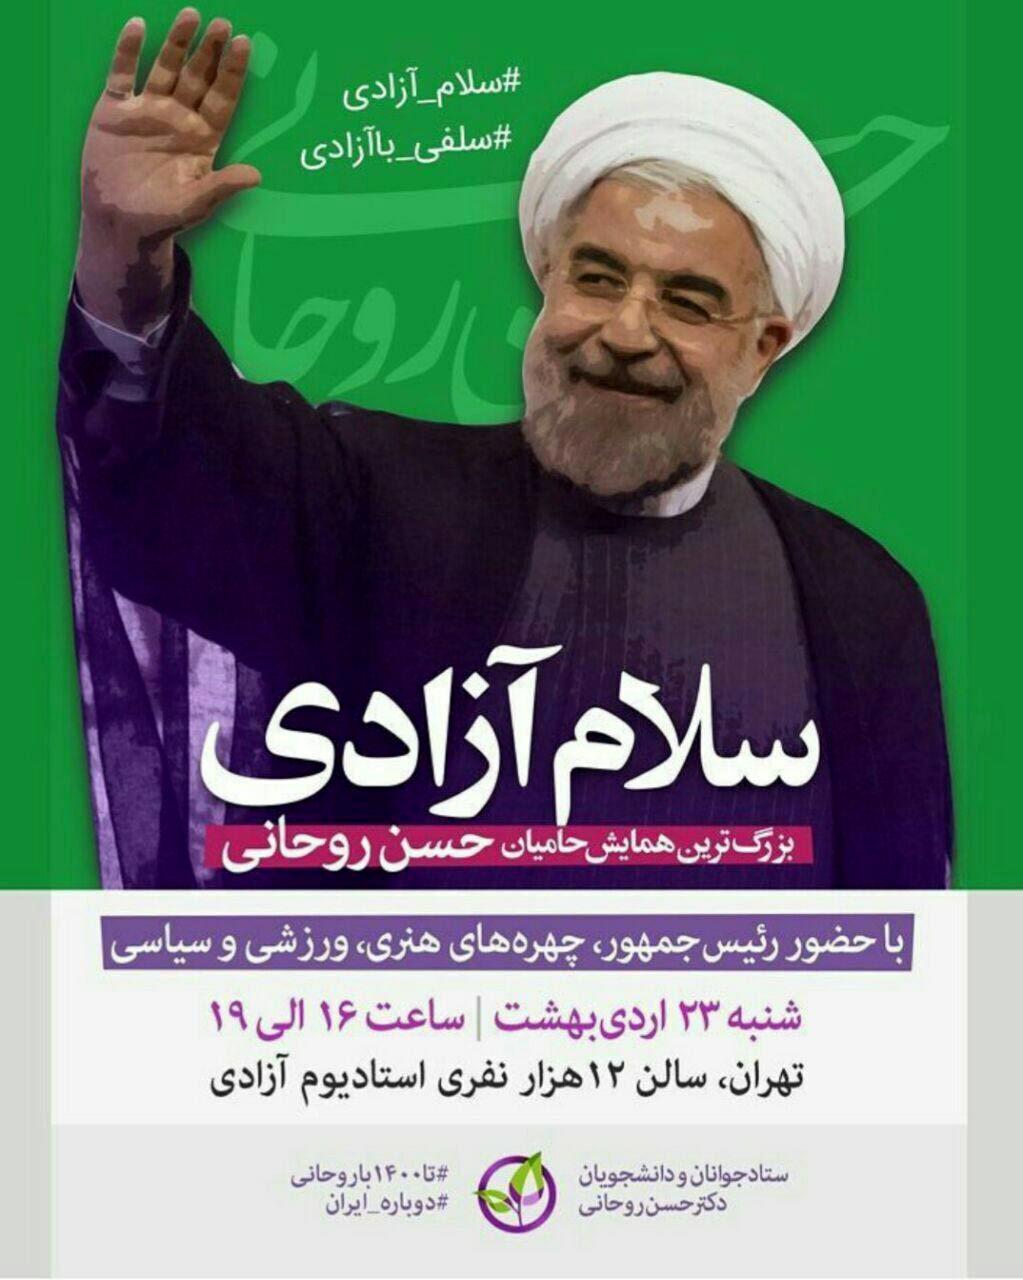 چرا اصلاحطلبان روحانی را از قطار اصلاحات پیاده کردند؟